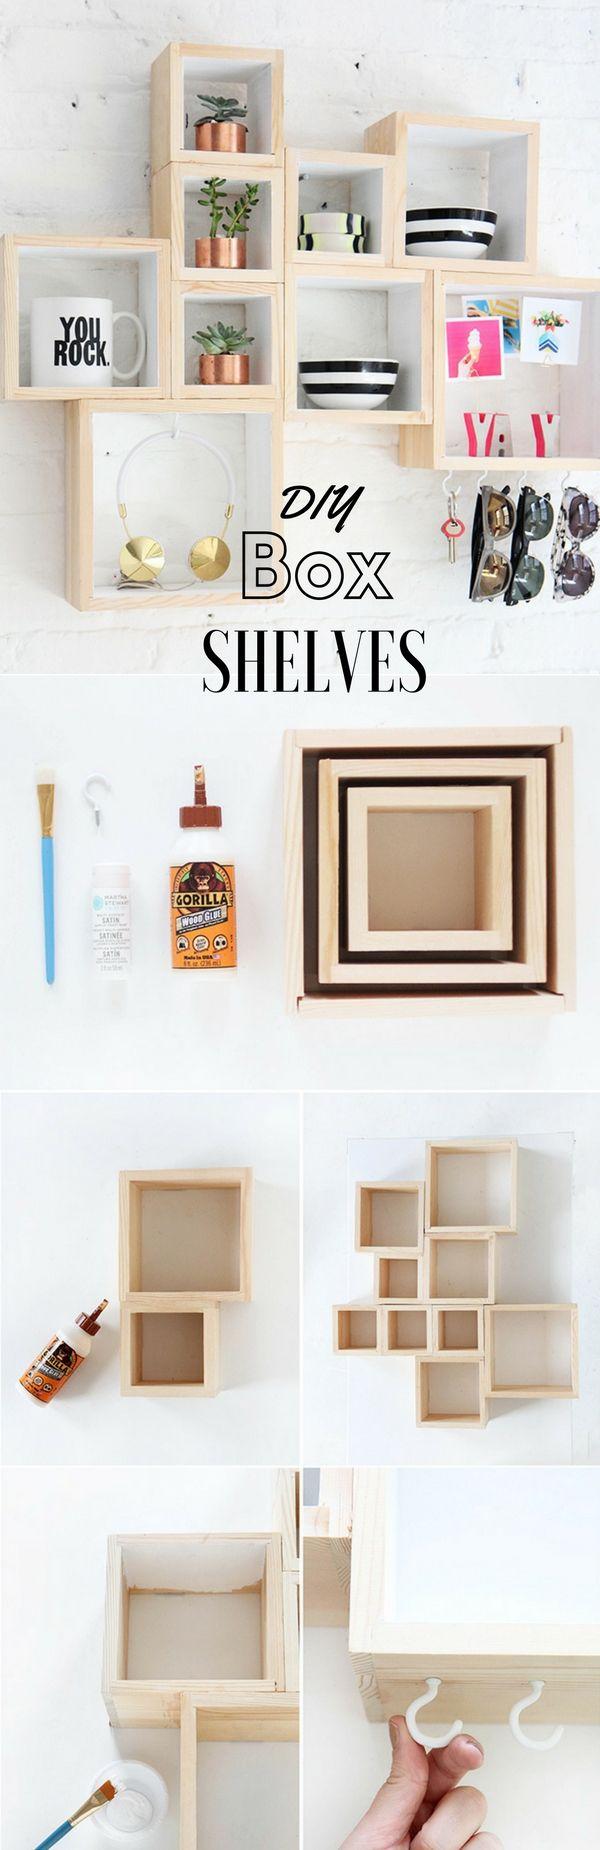 Box Shelves Dorm Decor Apartment Decor Craft Shelves Budget Save Money Diy Dorm Decor Diy Room Decor How To Ex Room Diy Room Decor Bedroom Diy